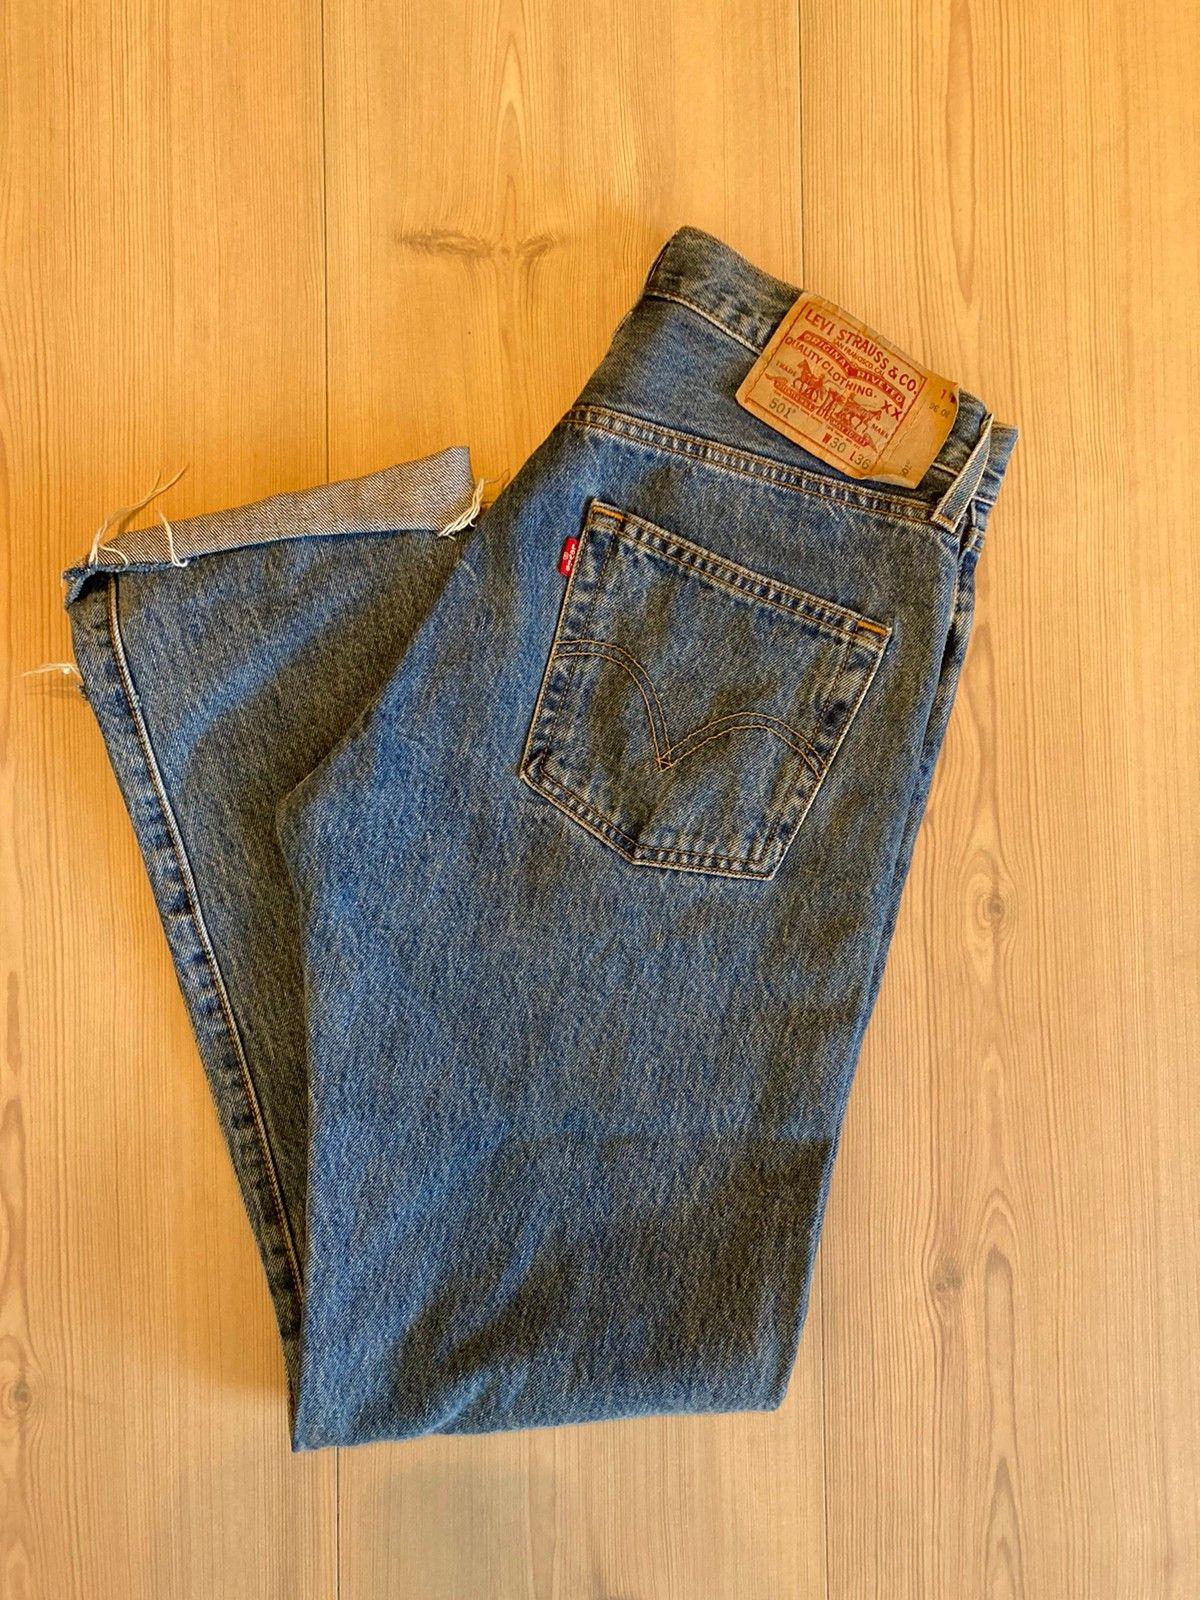 Vintage Levis Jeans   FINN.no